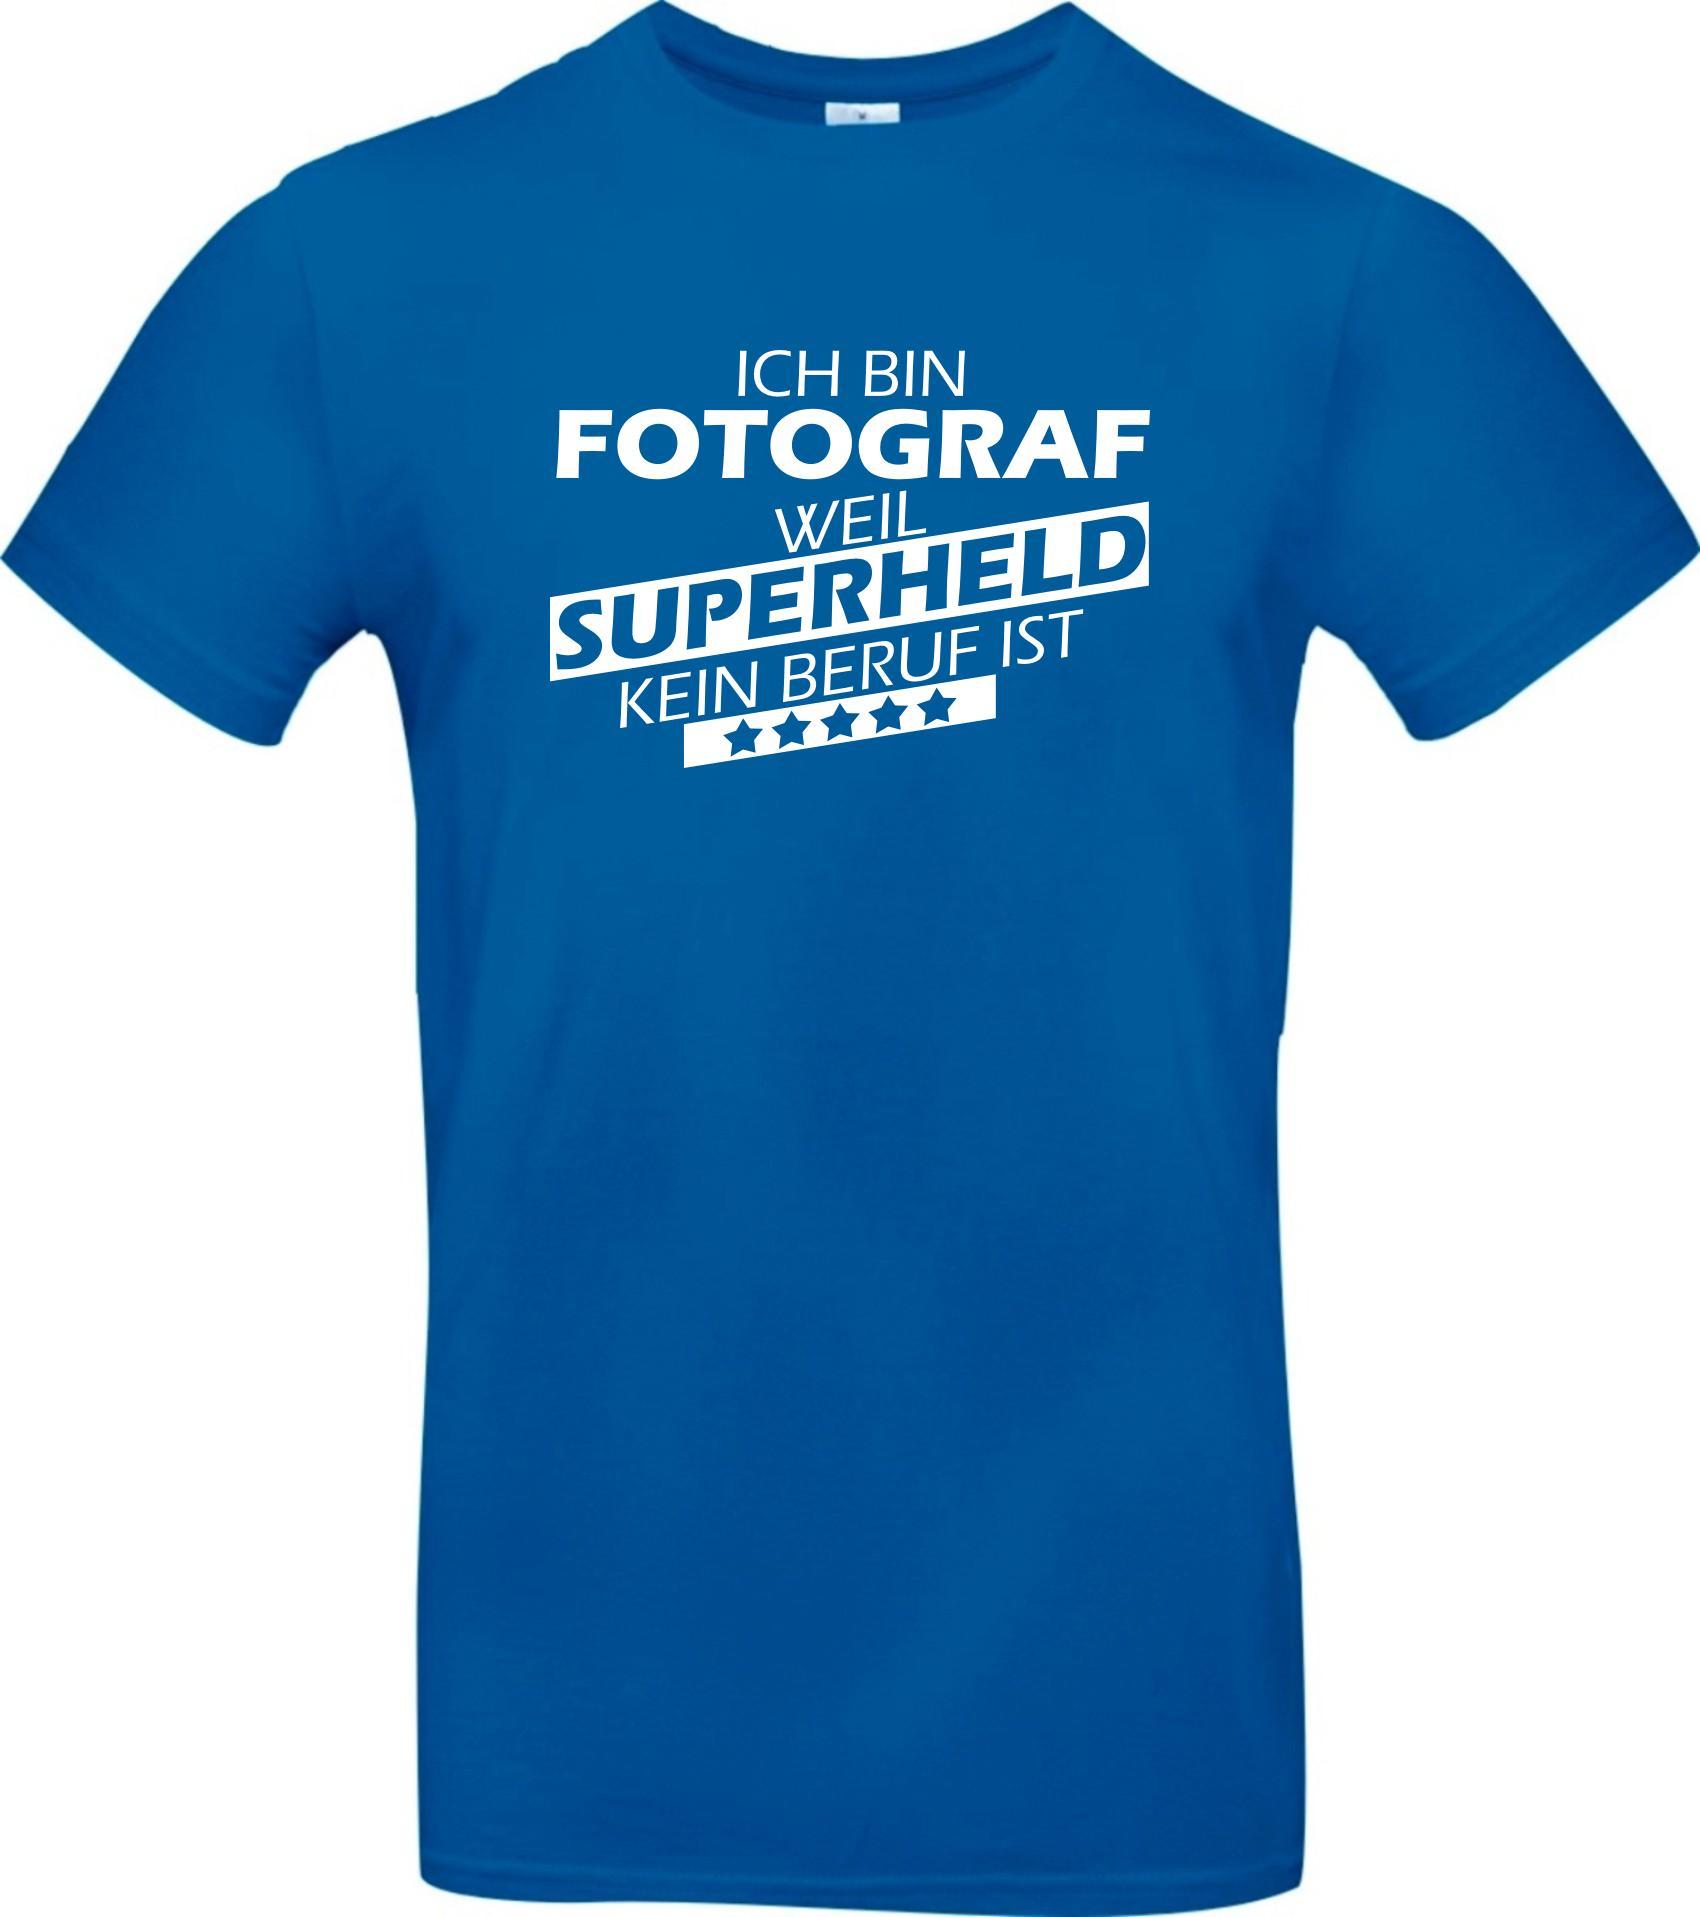 Maenner-Shirt-Ich-bin-Fotograf-weil-Superheld-kein-Beruf-ist